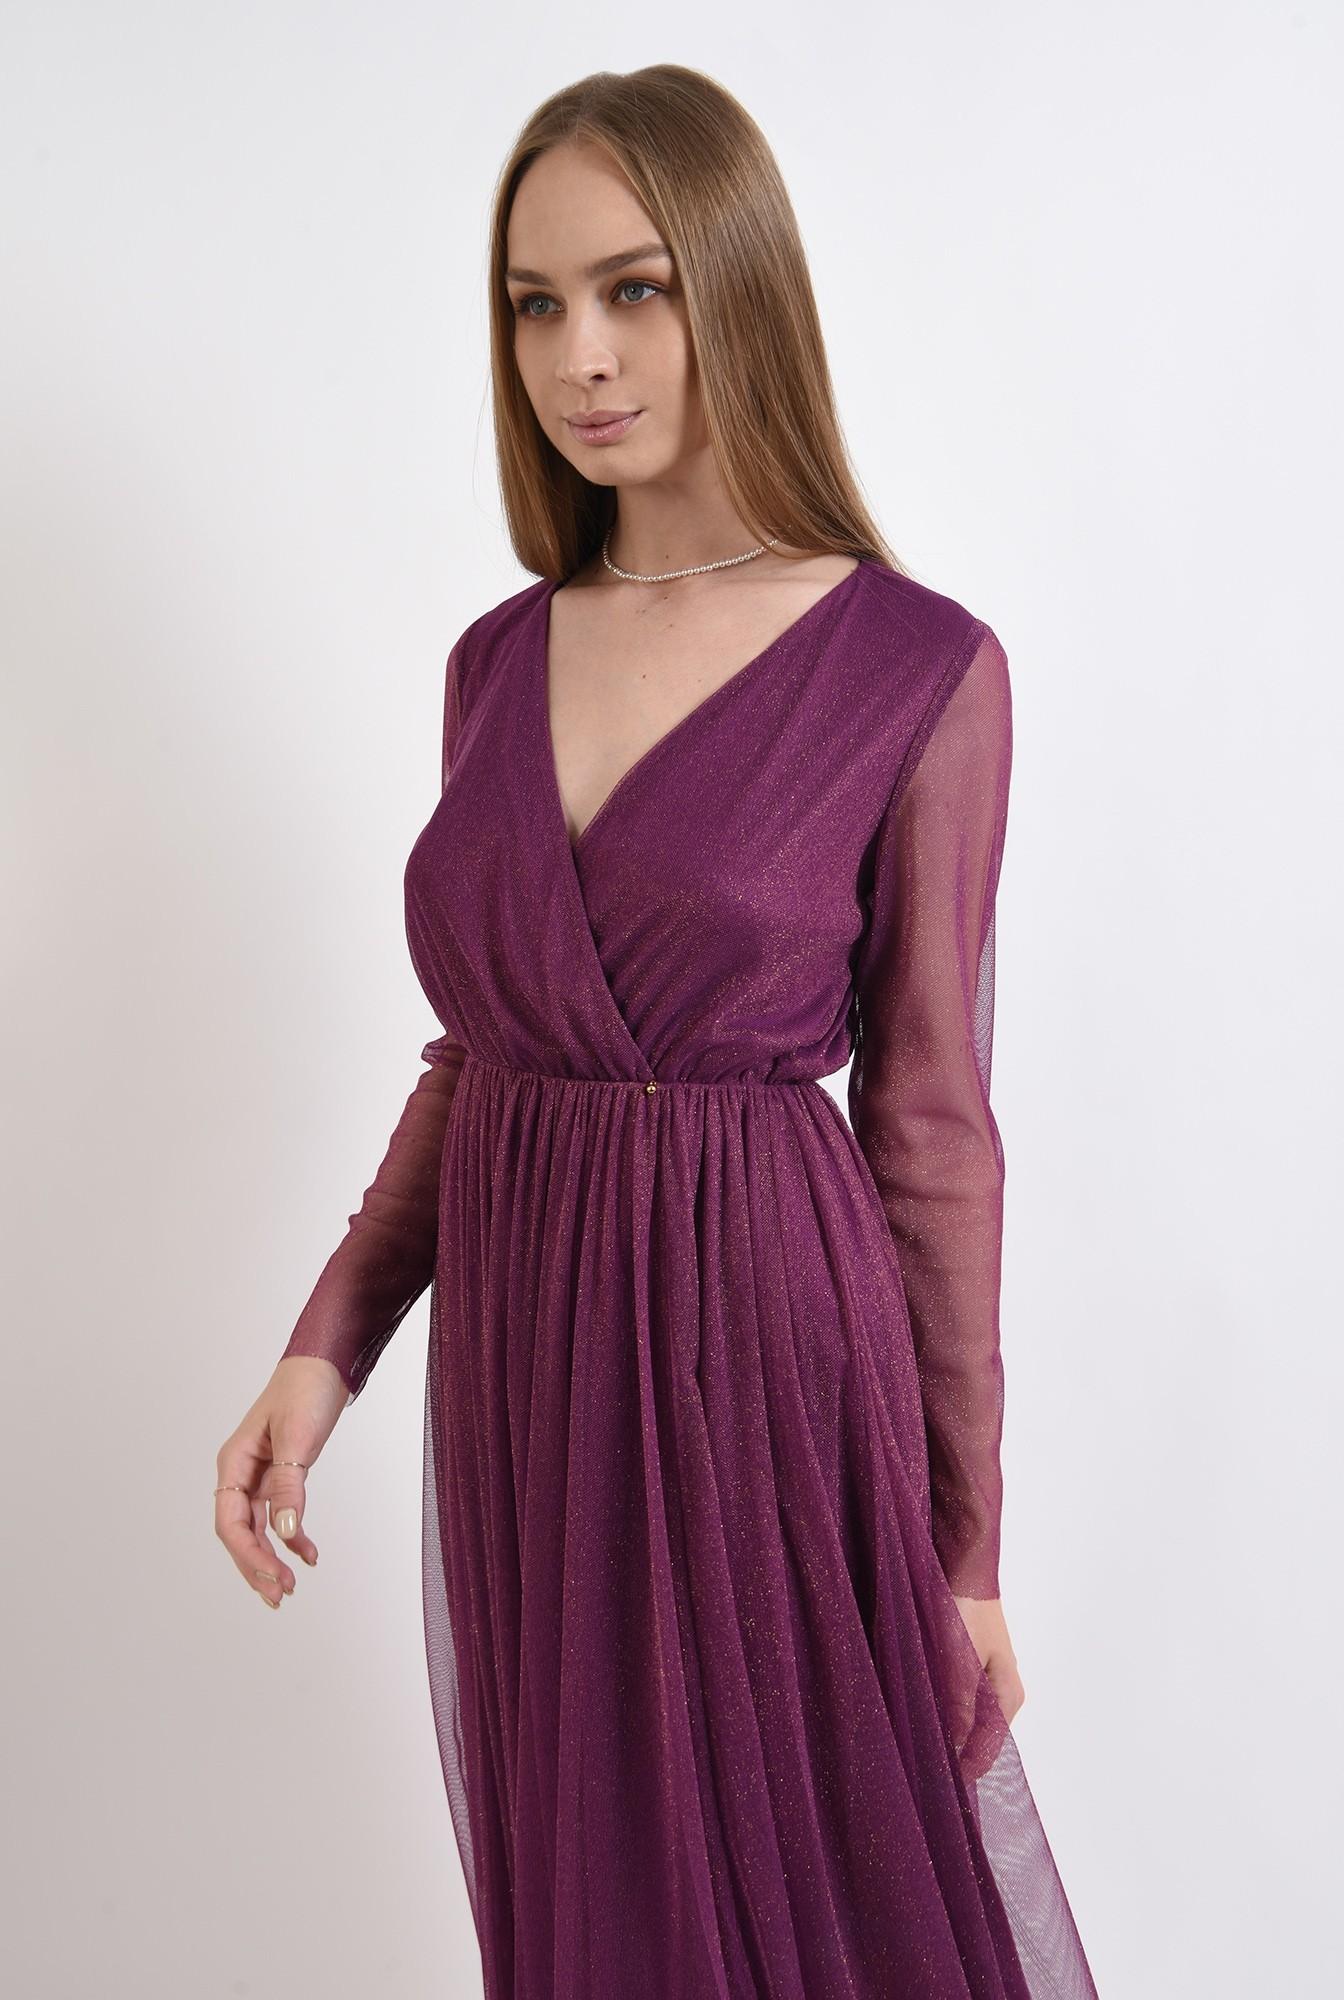 2 -  rochie midi, din tul, cu maneci lungi, anchior petrecut, mov